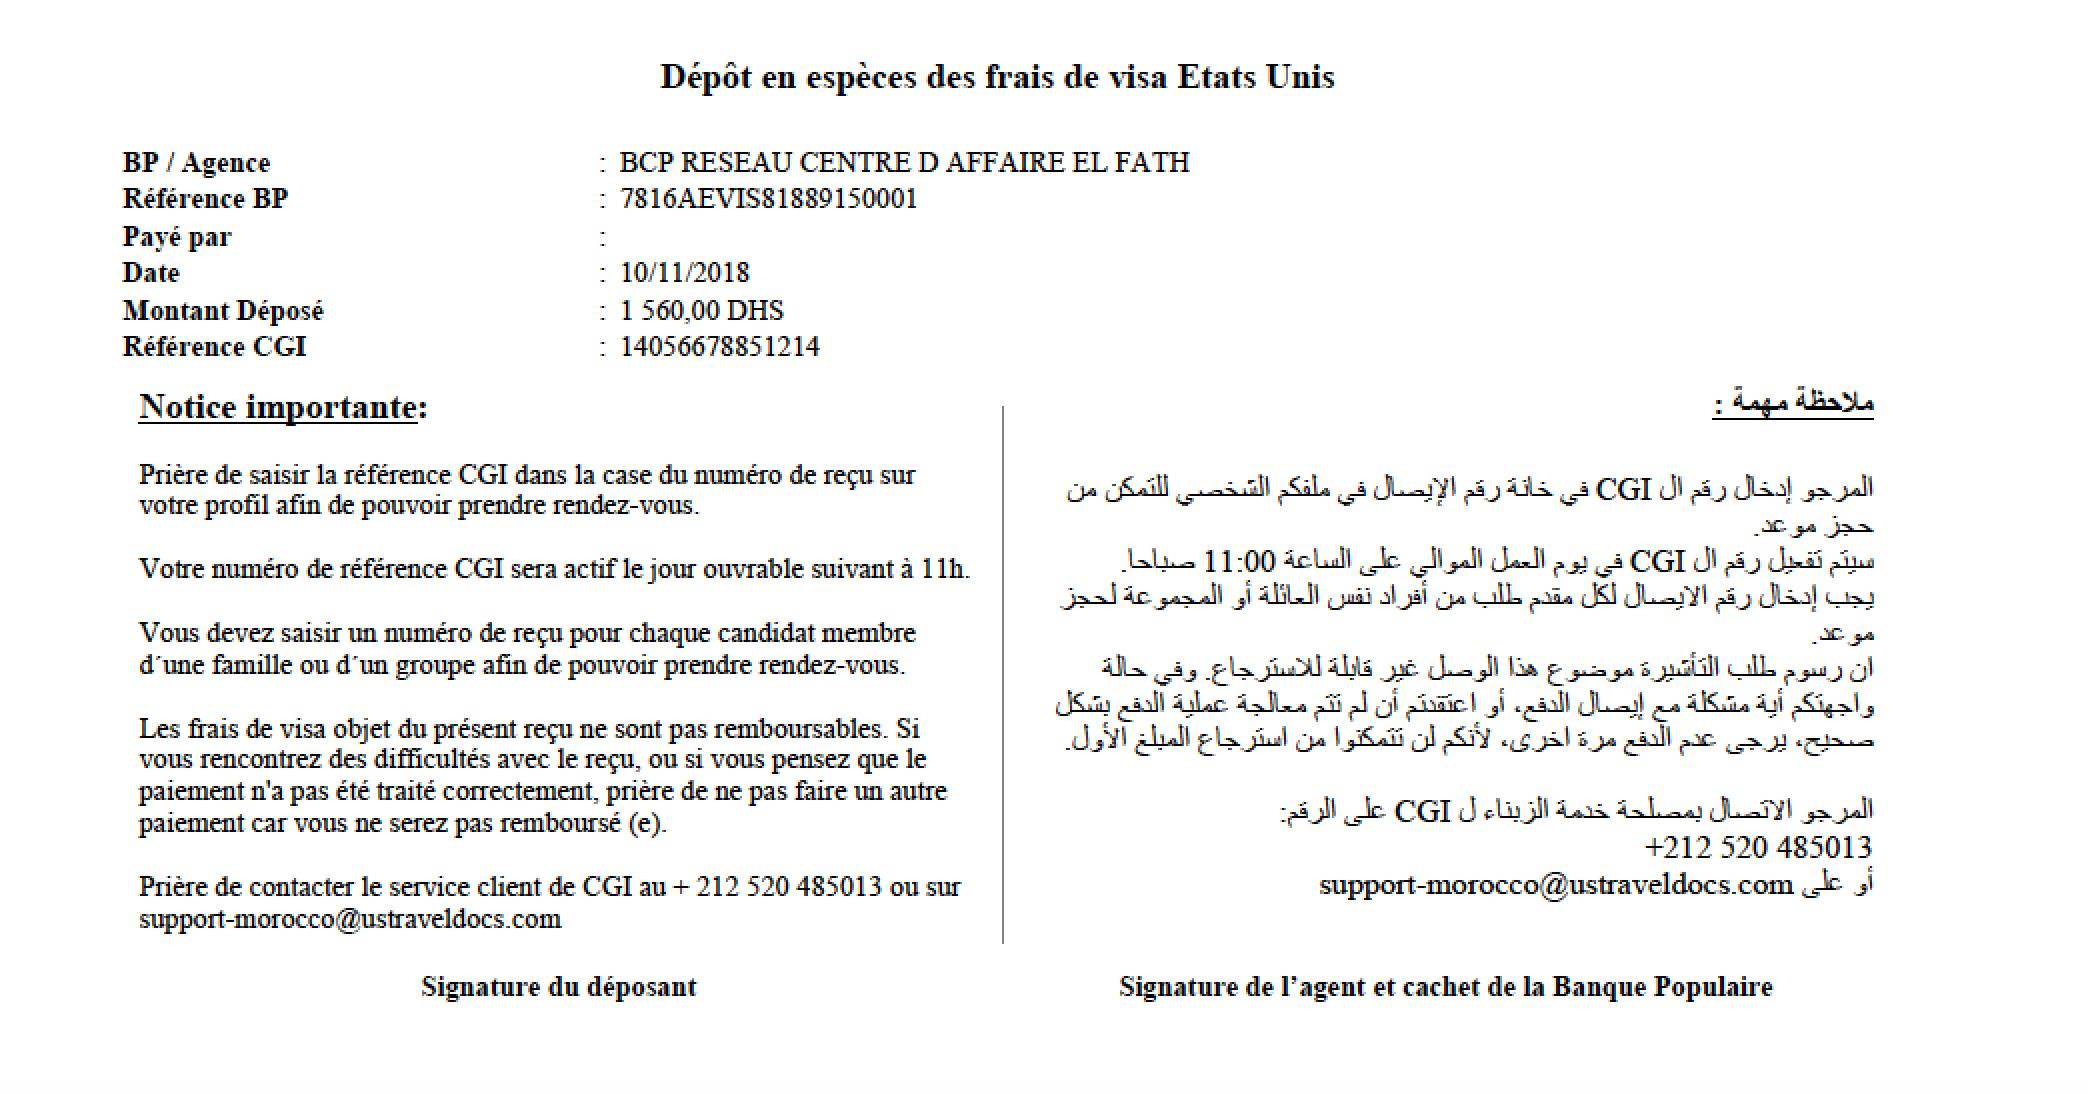 exemple de document de r u00e3 u00a9f u00e3 u00a9rence de lentretien rempli